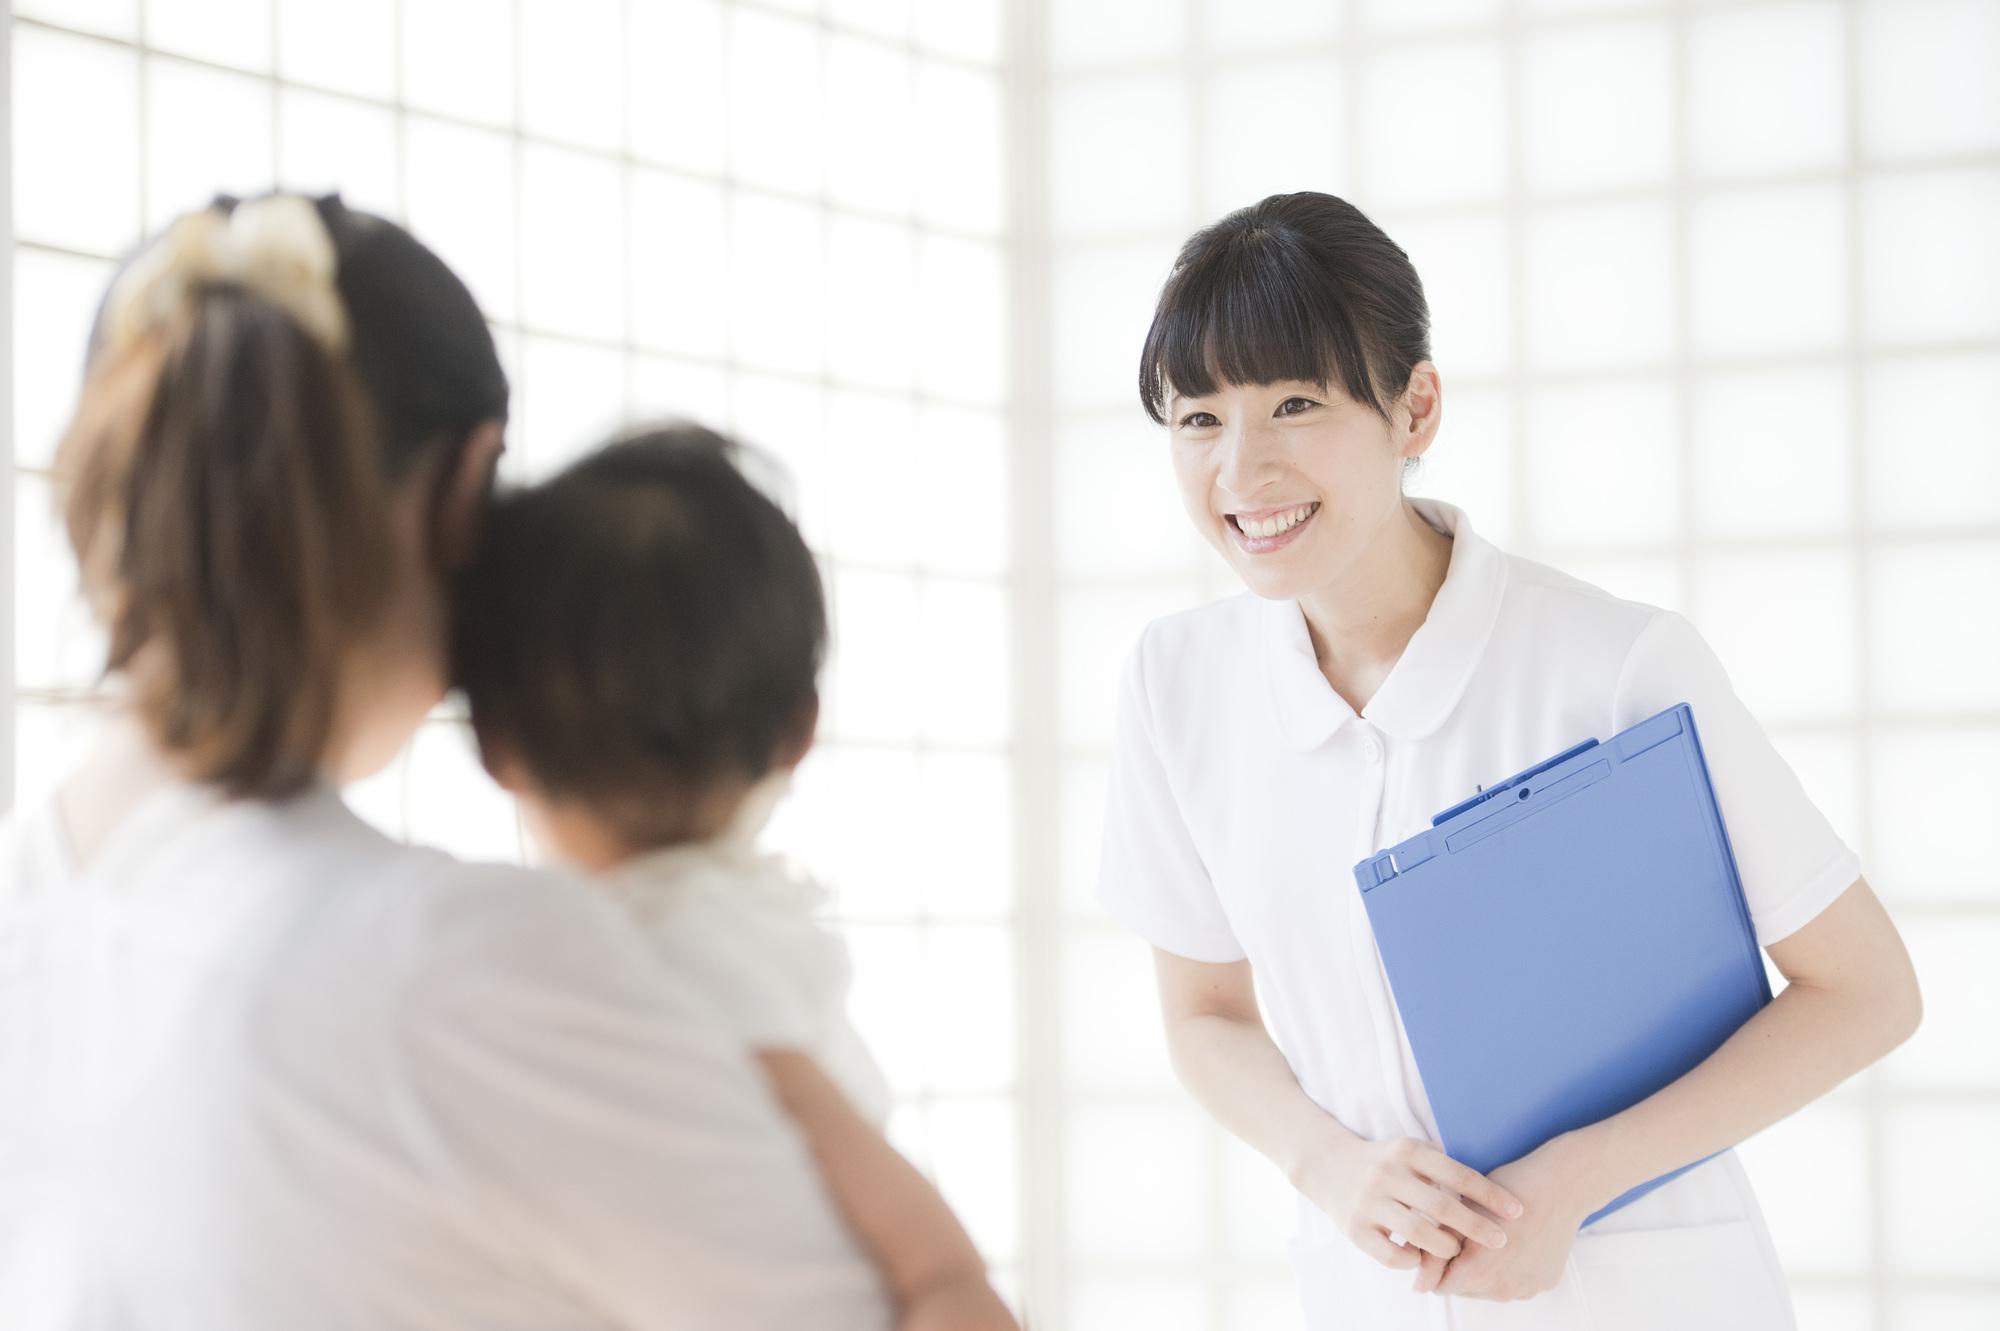 病院を受診する赤ちゃん